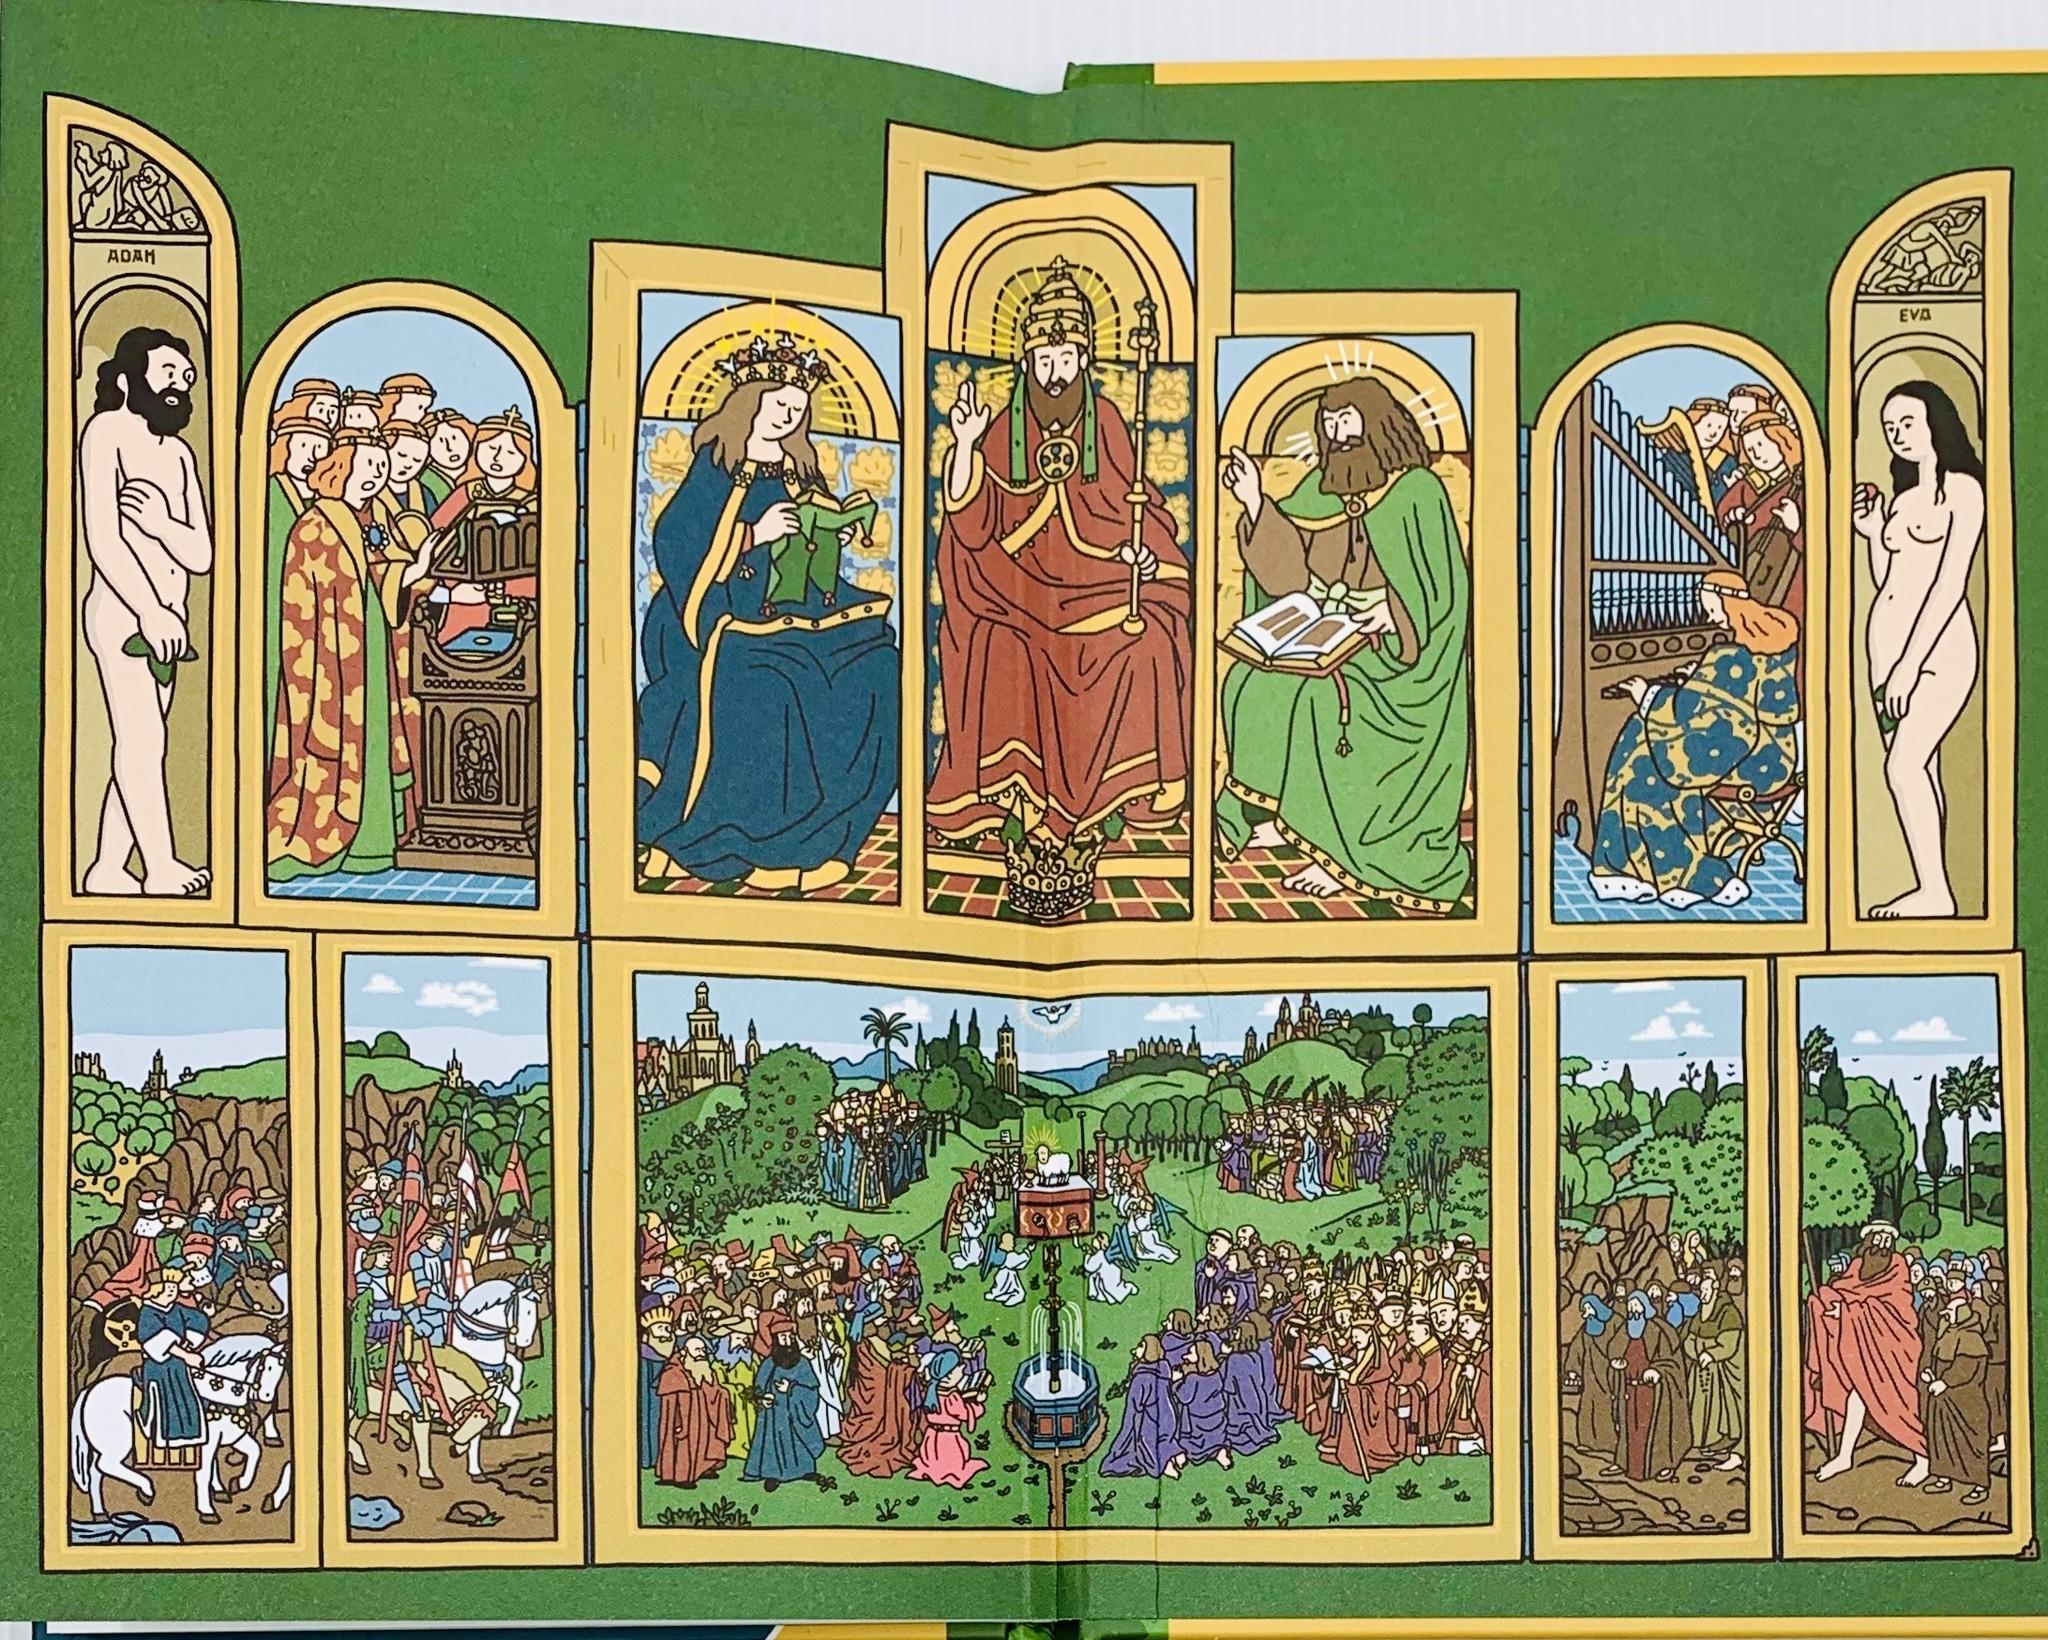 Pieter De Poortere Het verdwenen paneel (The Lost Panel) - Pieter De Poortere